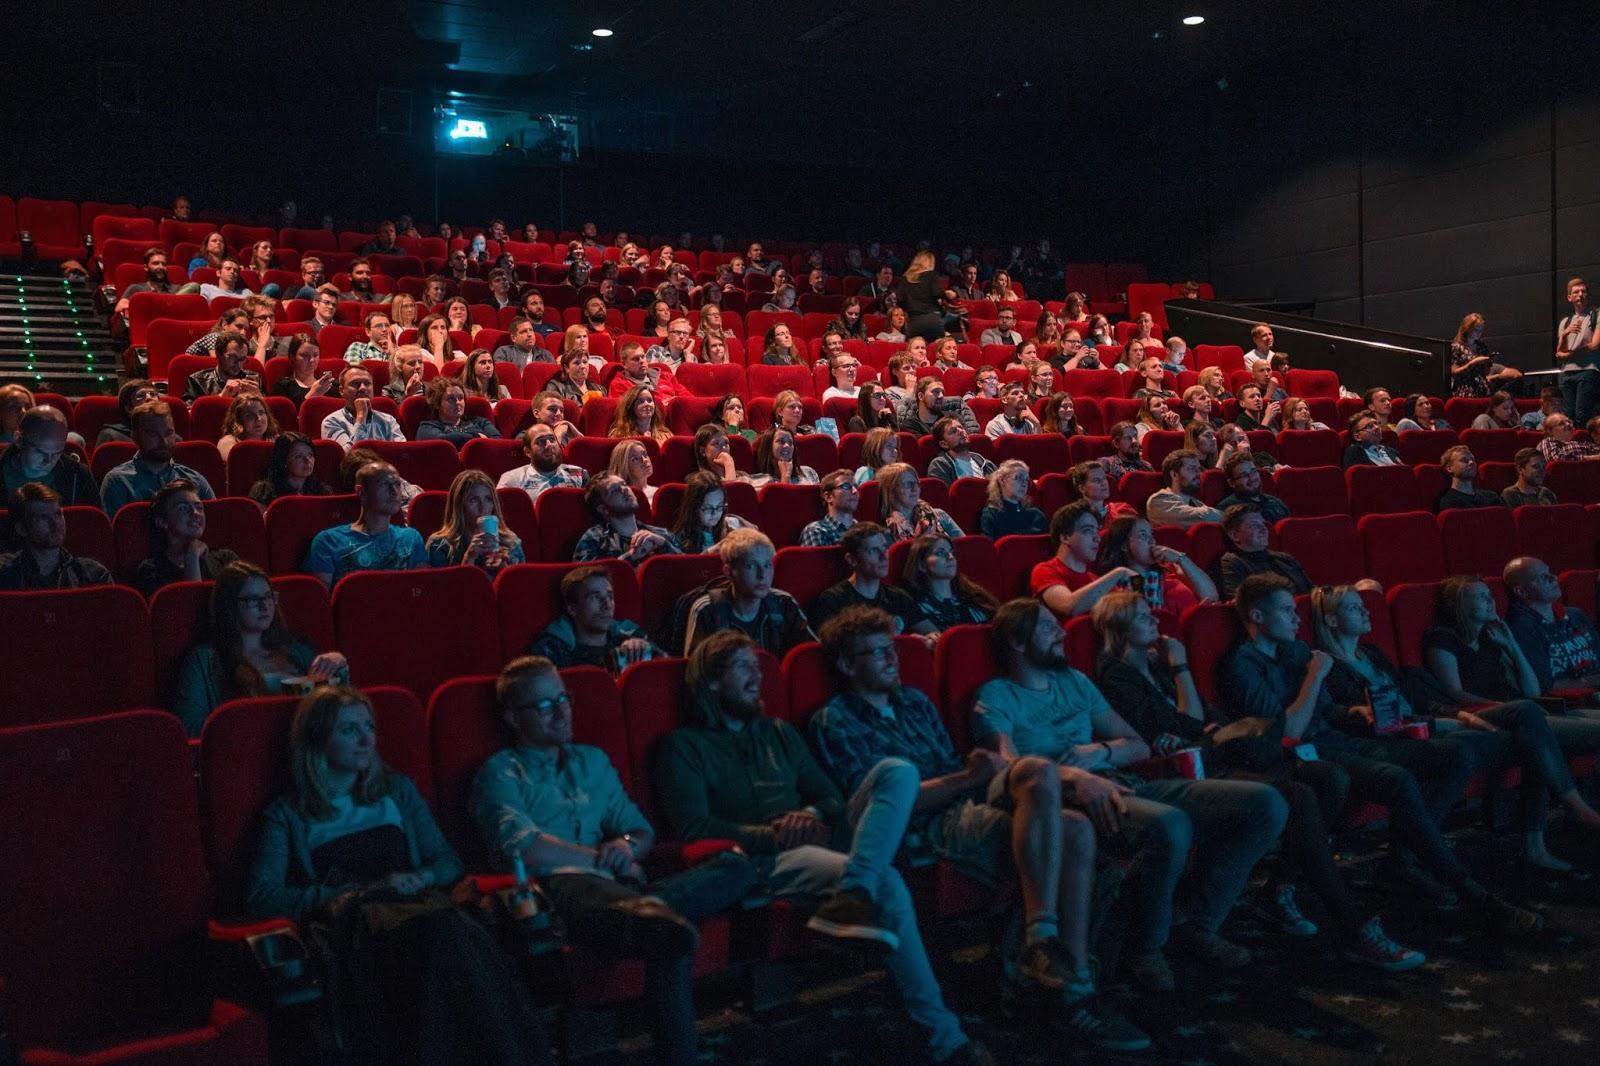 Projeto reúne distribuidores, exibidores e programadores unidos pela nova retomada